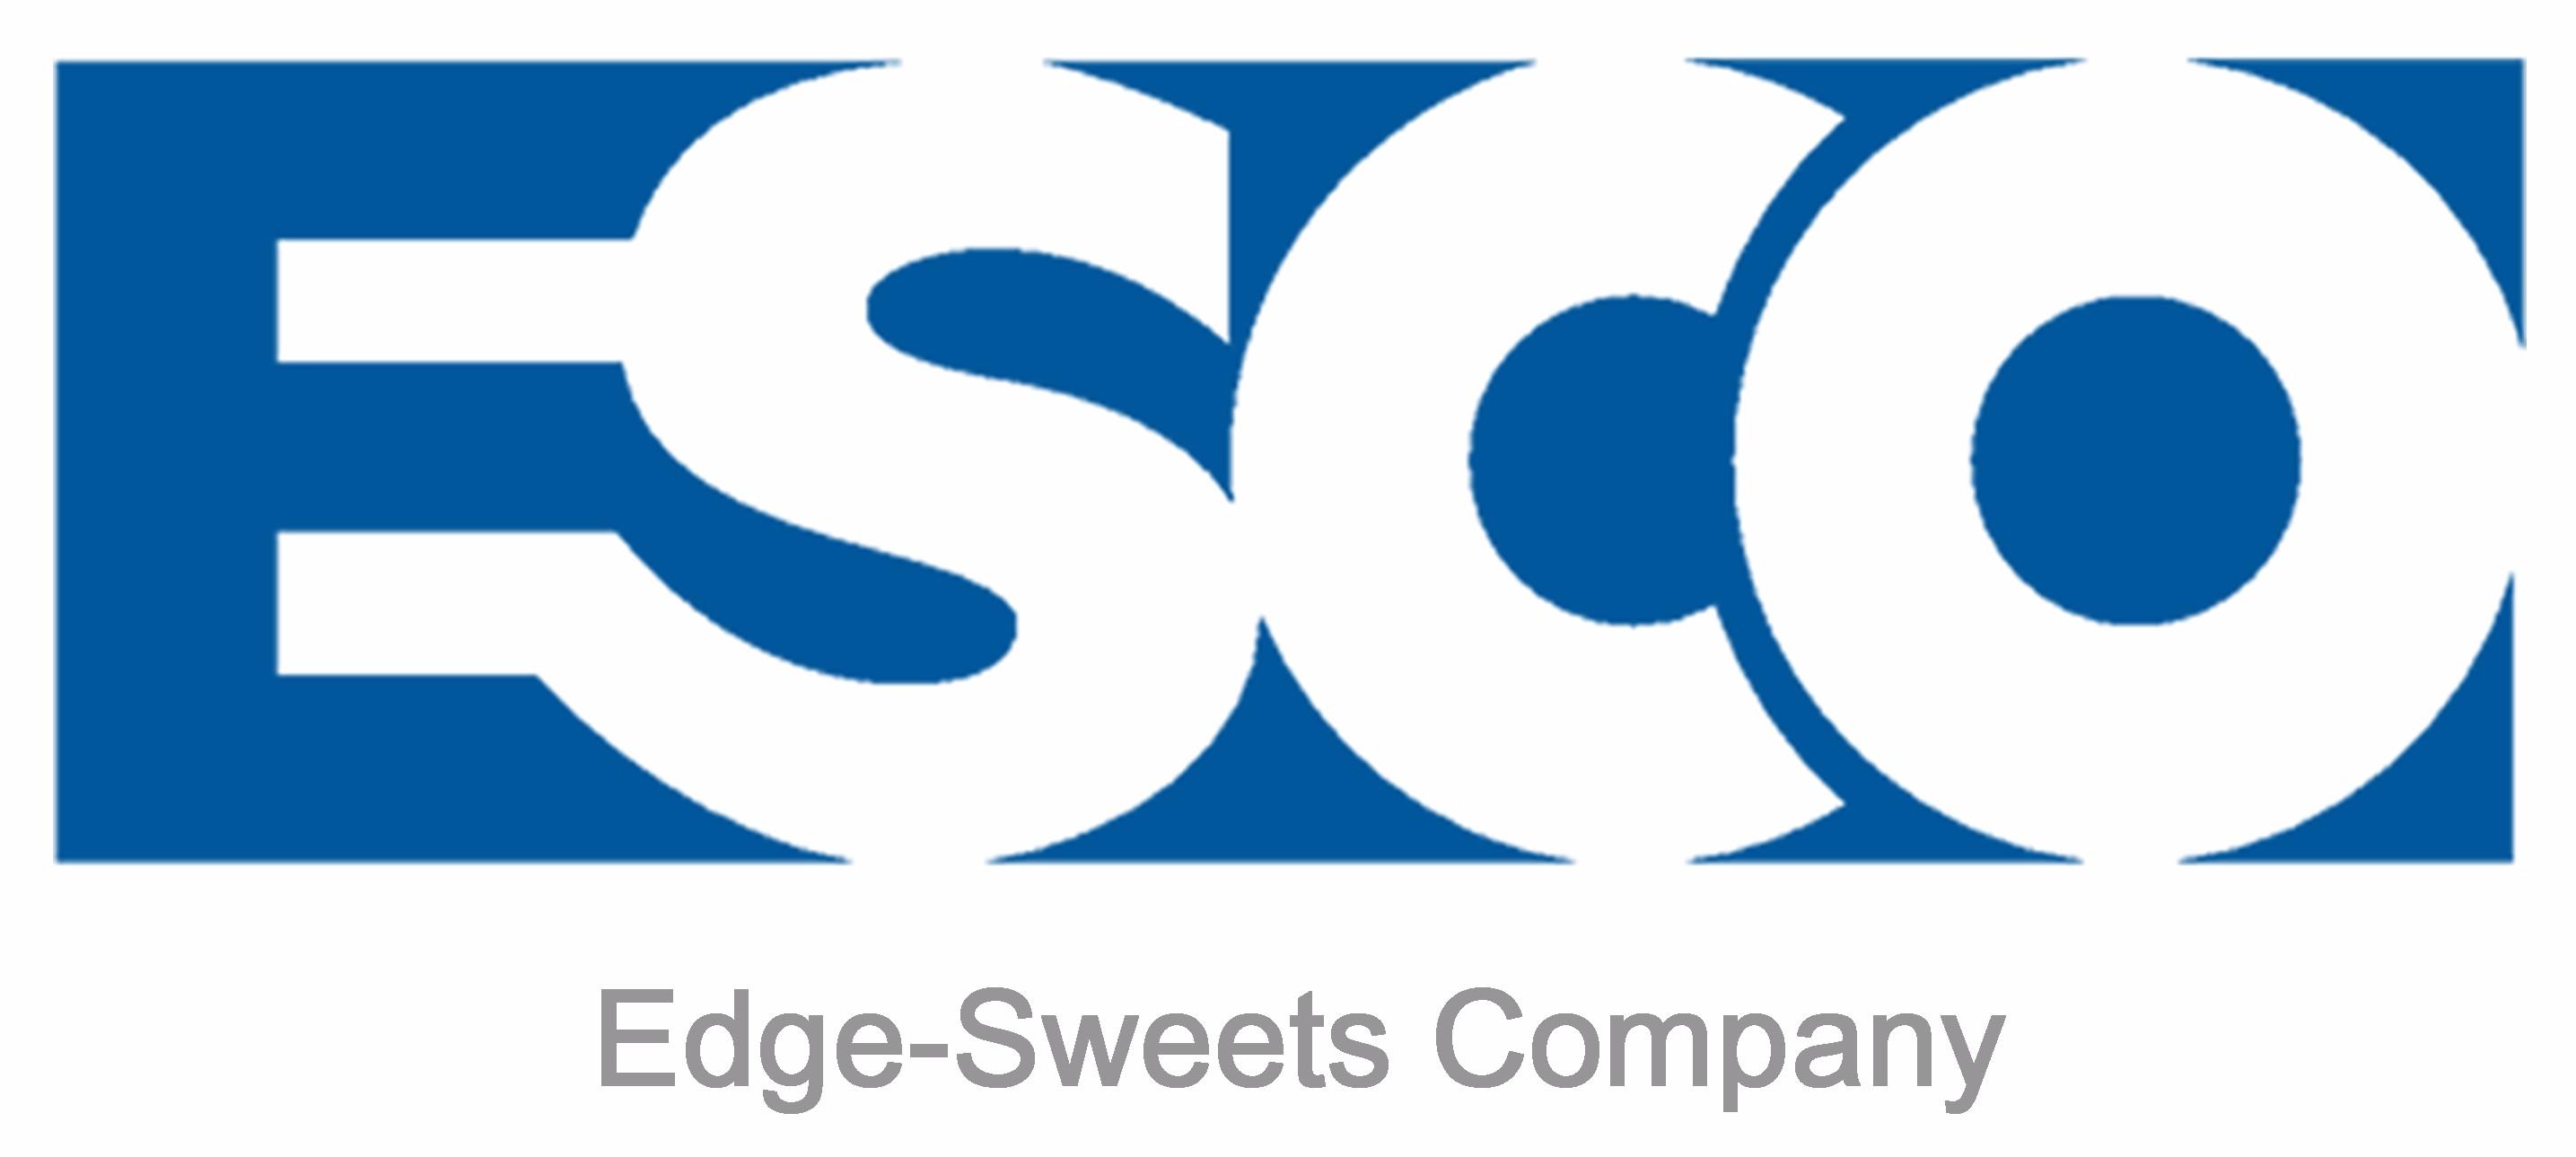 Edge Sweets